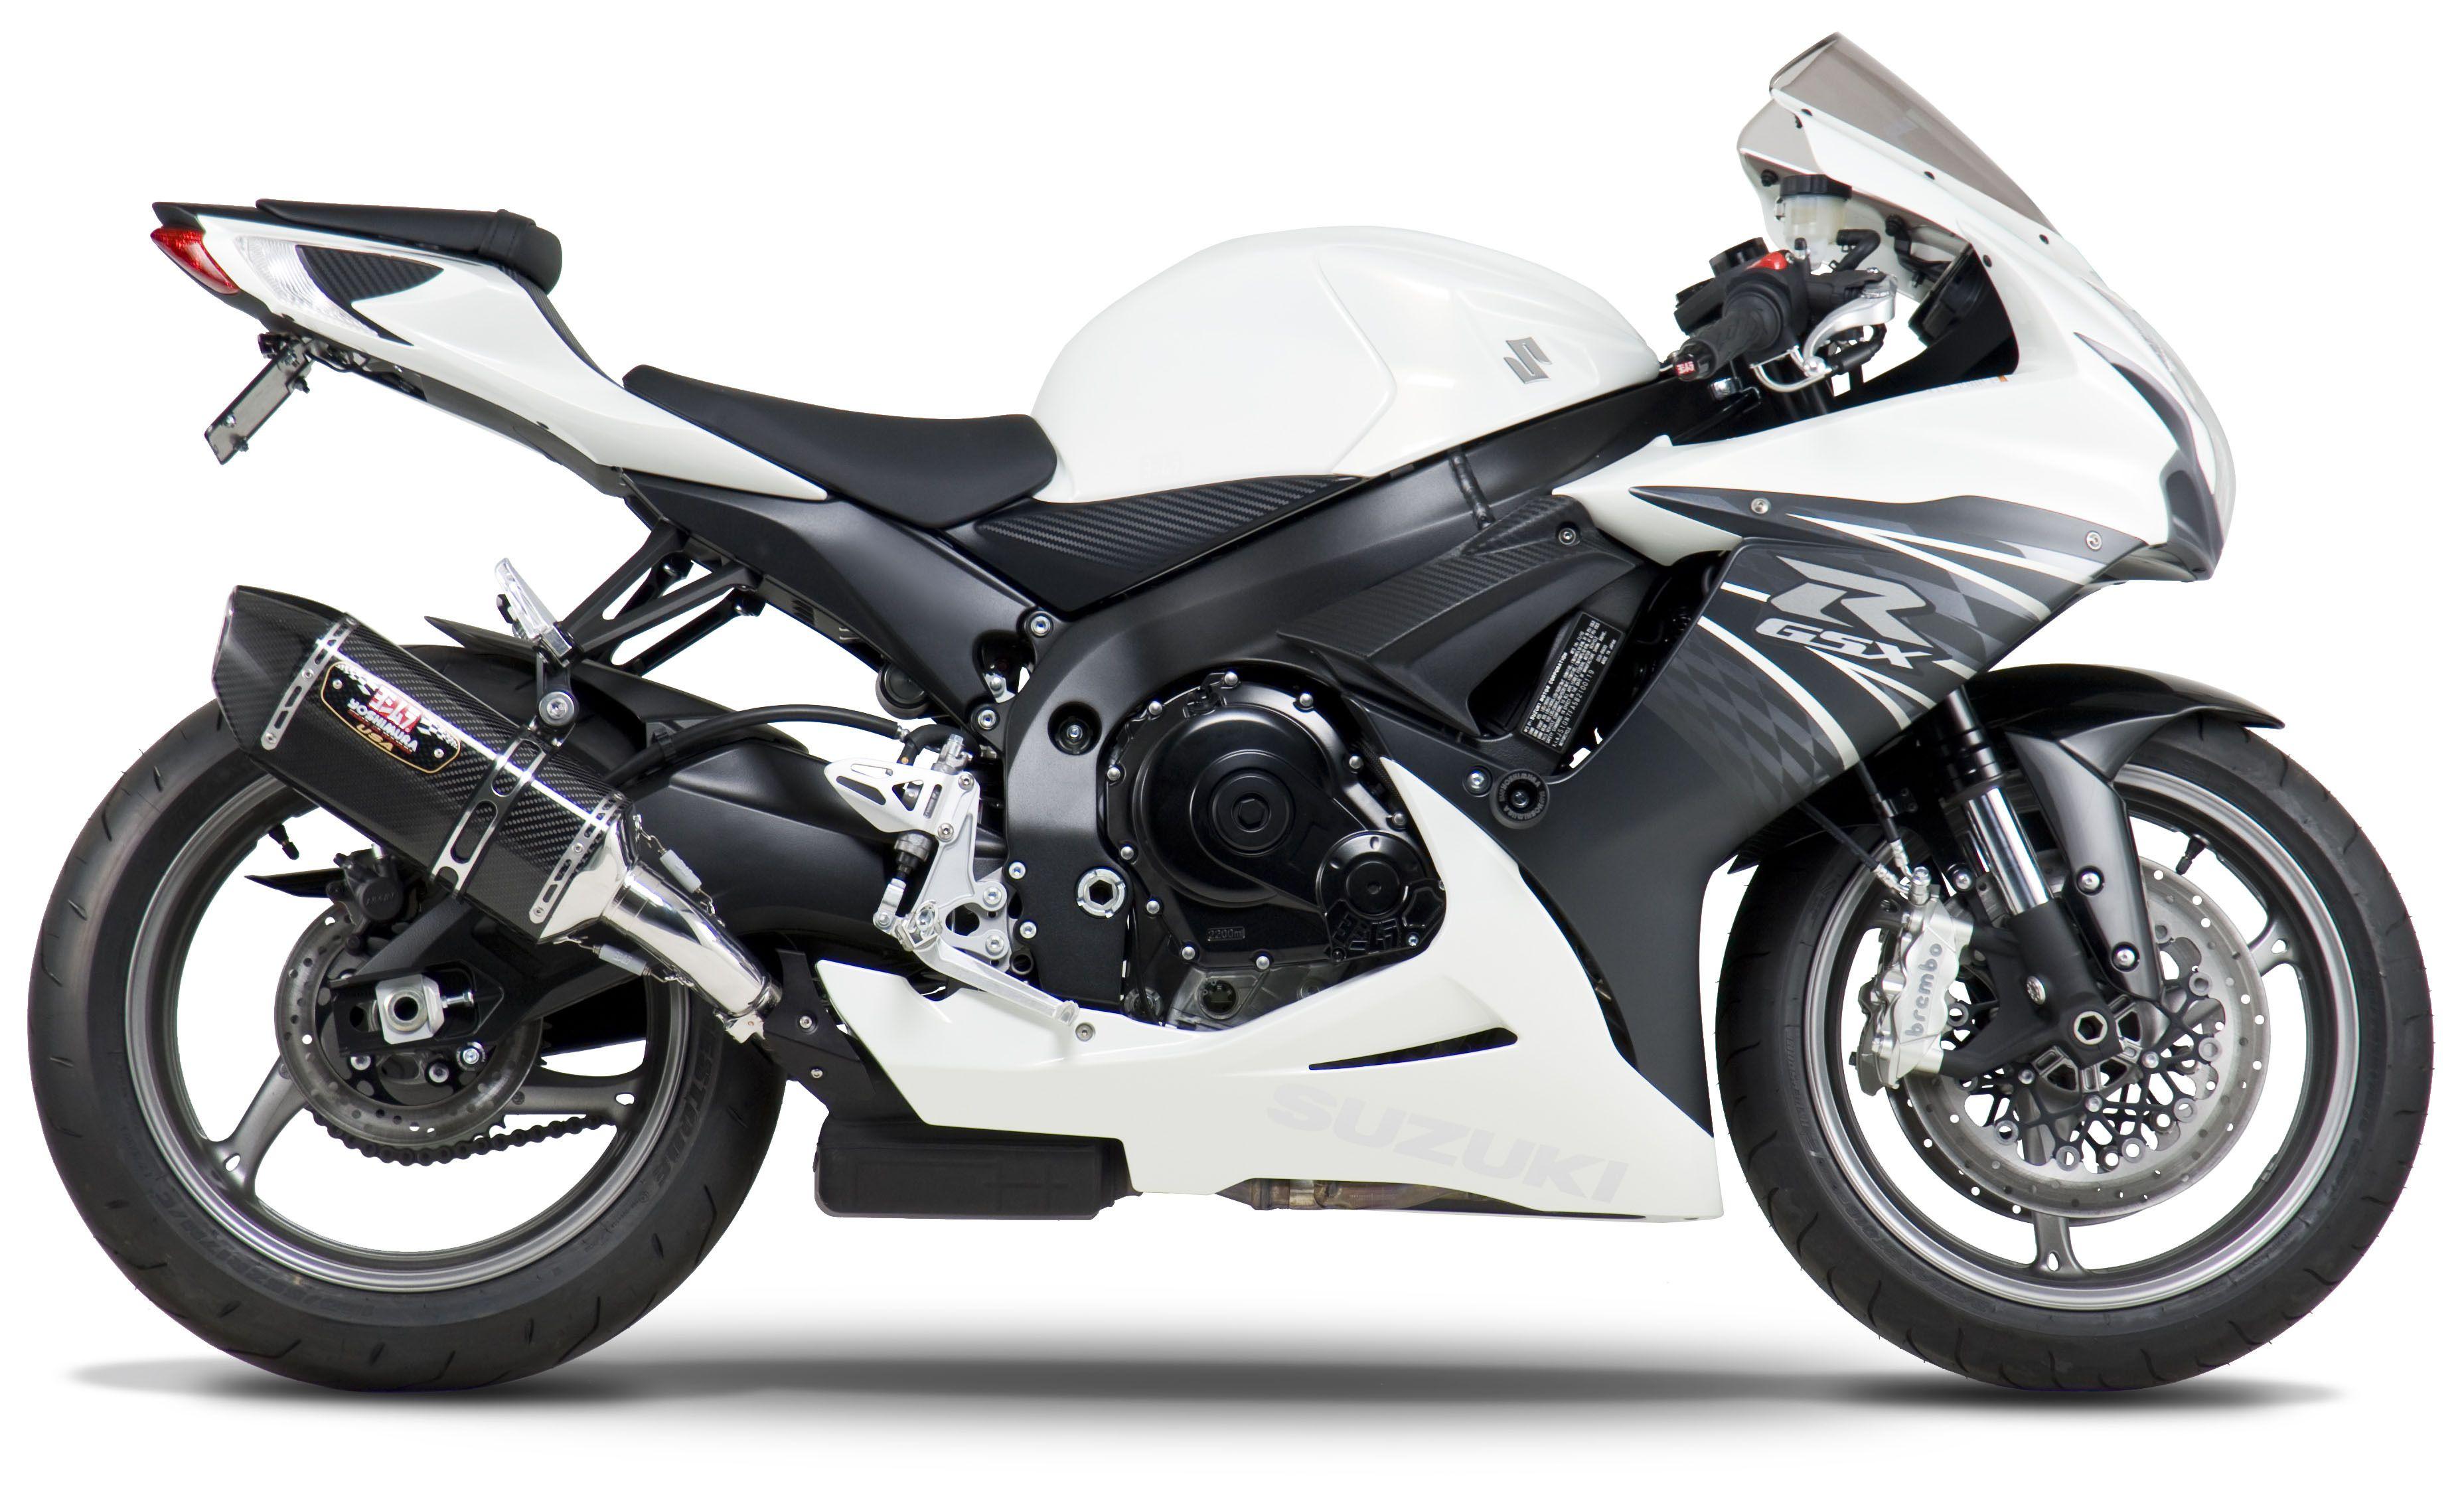 Vehicle Parts Accessories 99 10 Suzuki Hayabusa GSXR 1300 Motorcycle Chain Guards Motorbike Other